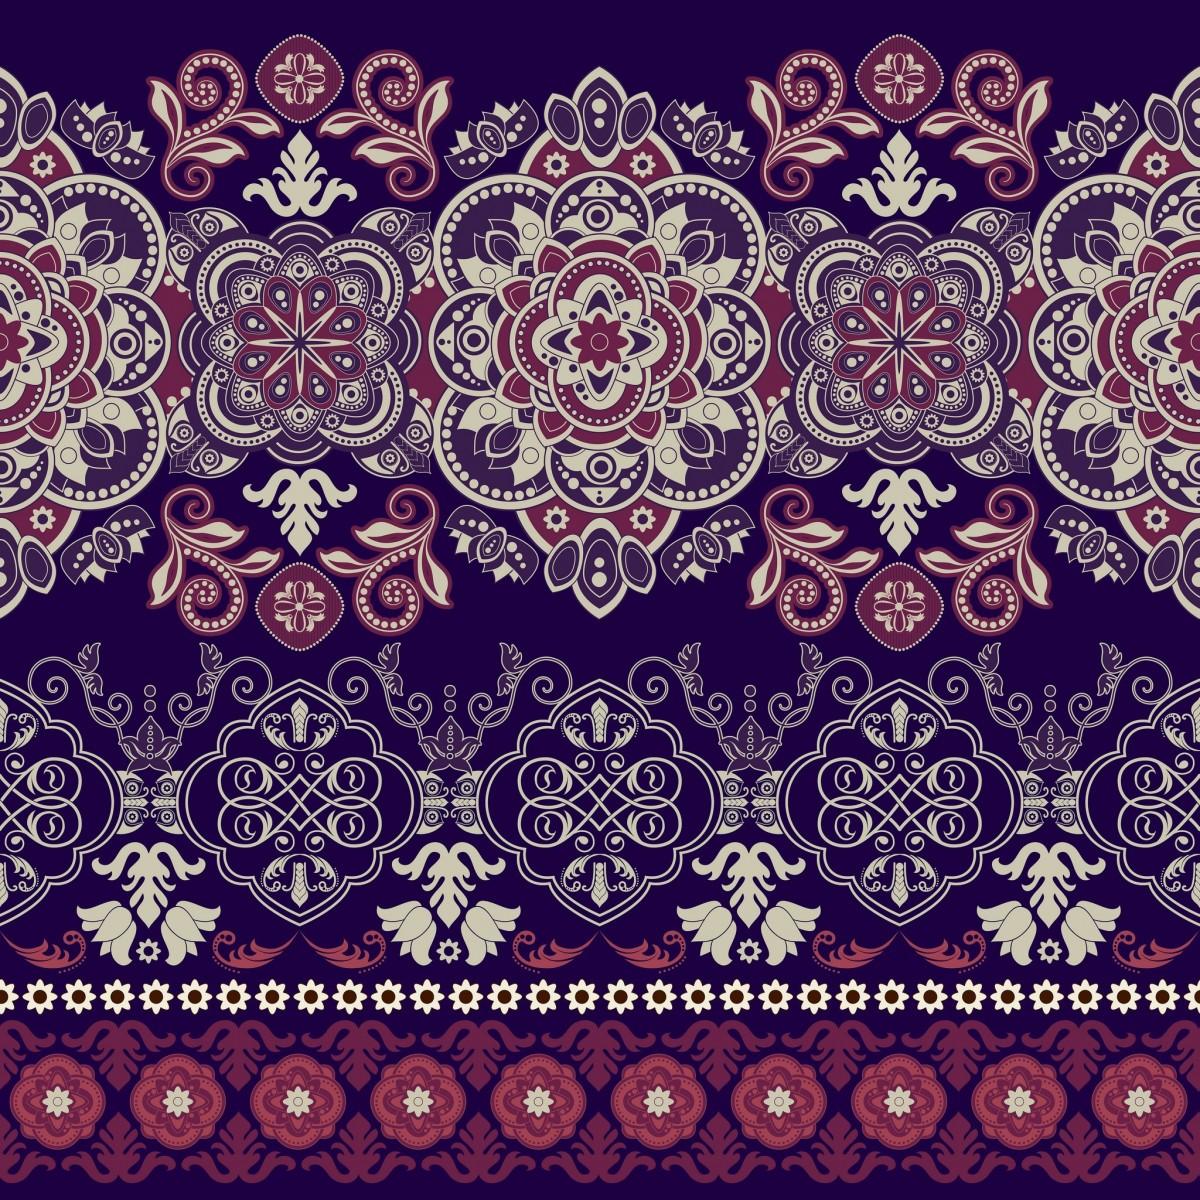 O quebra-cabeça Recolher o quebra-cabeças on-line - Symmetry